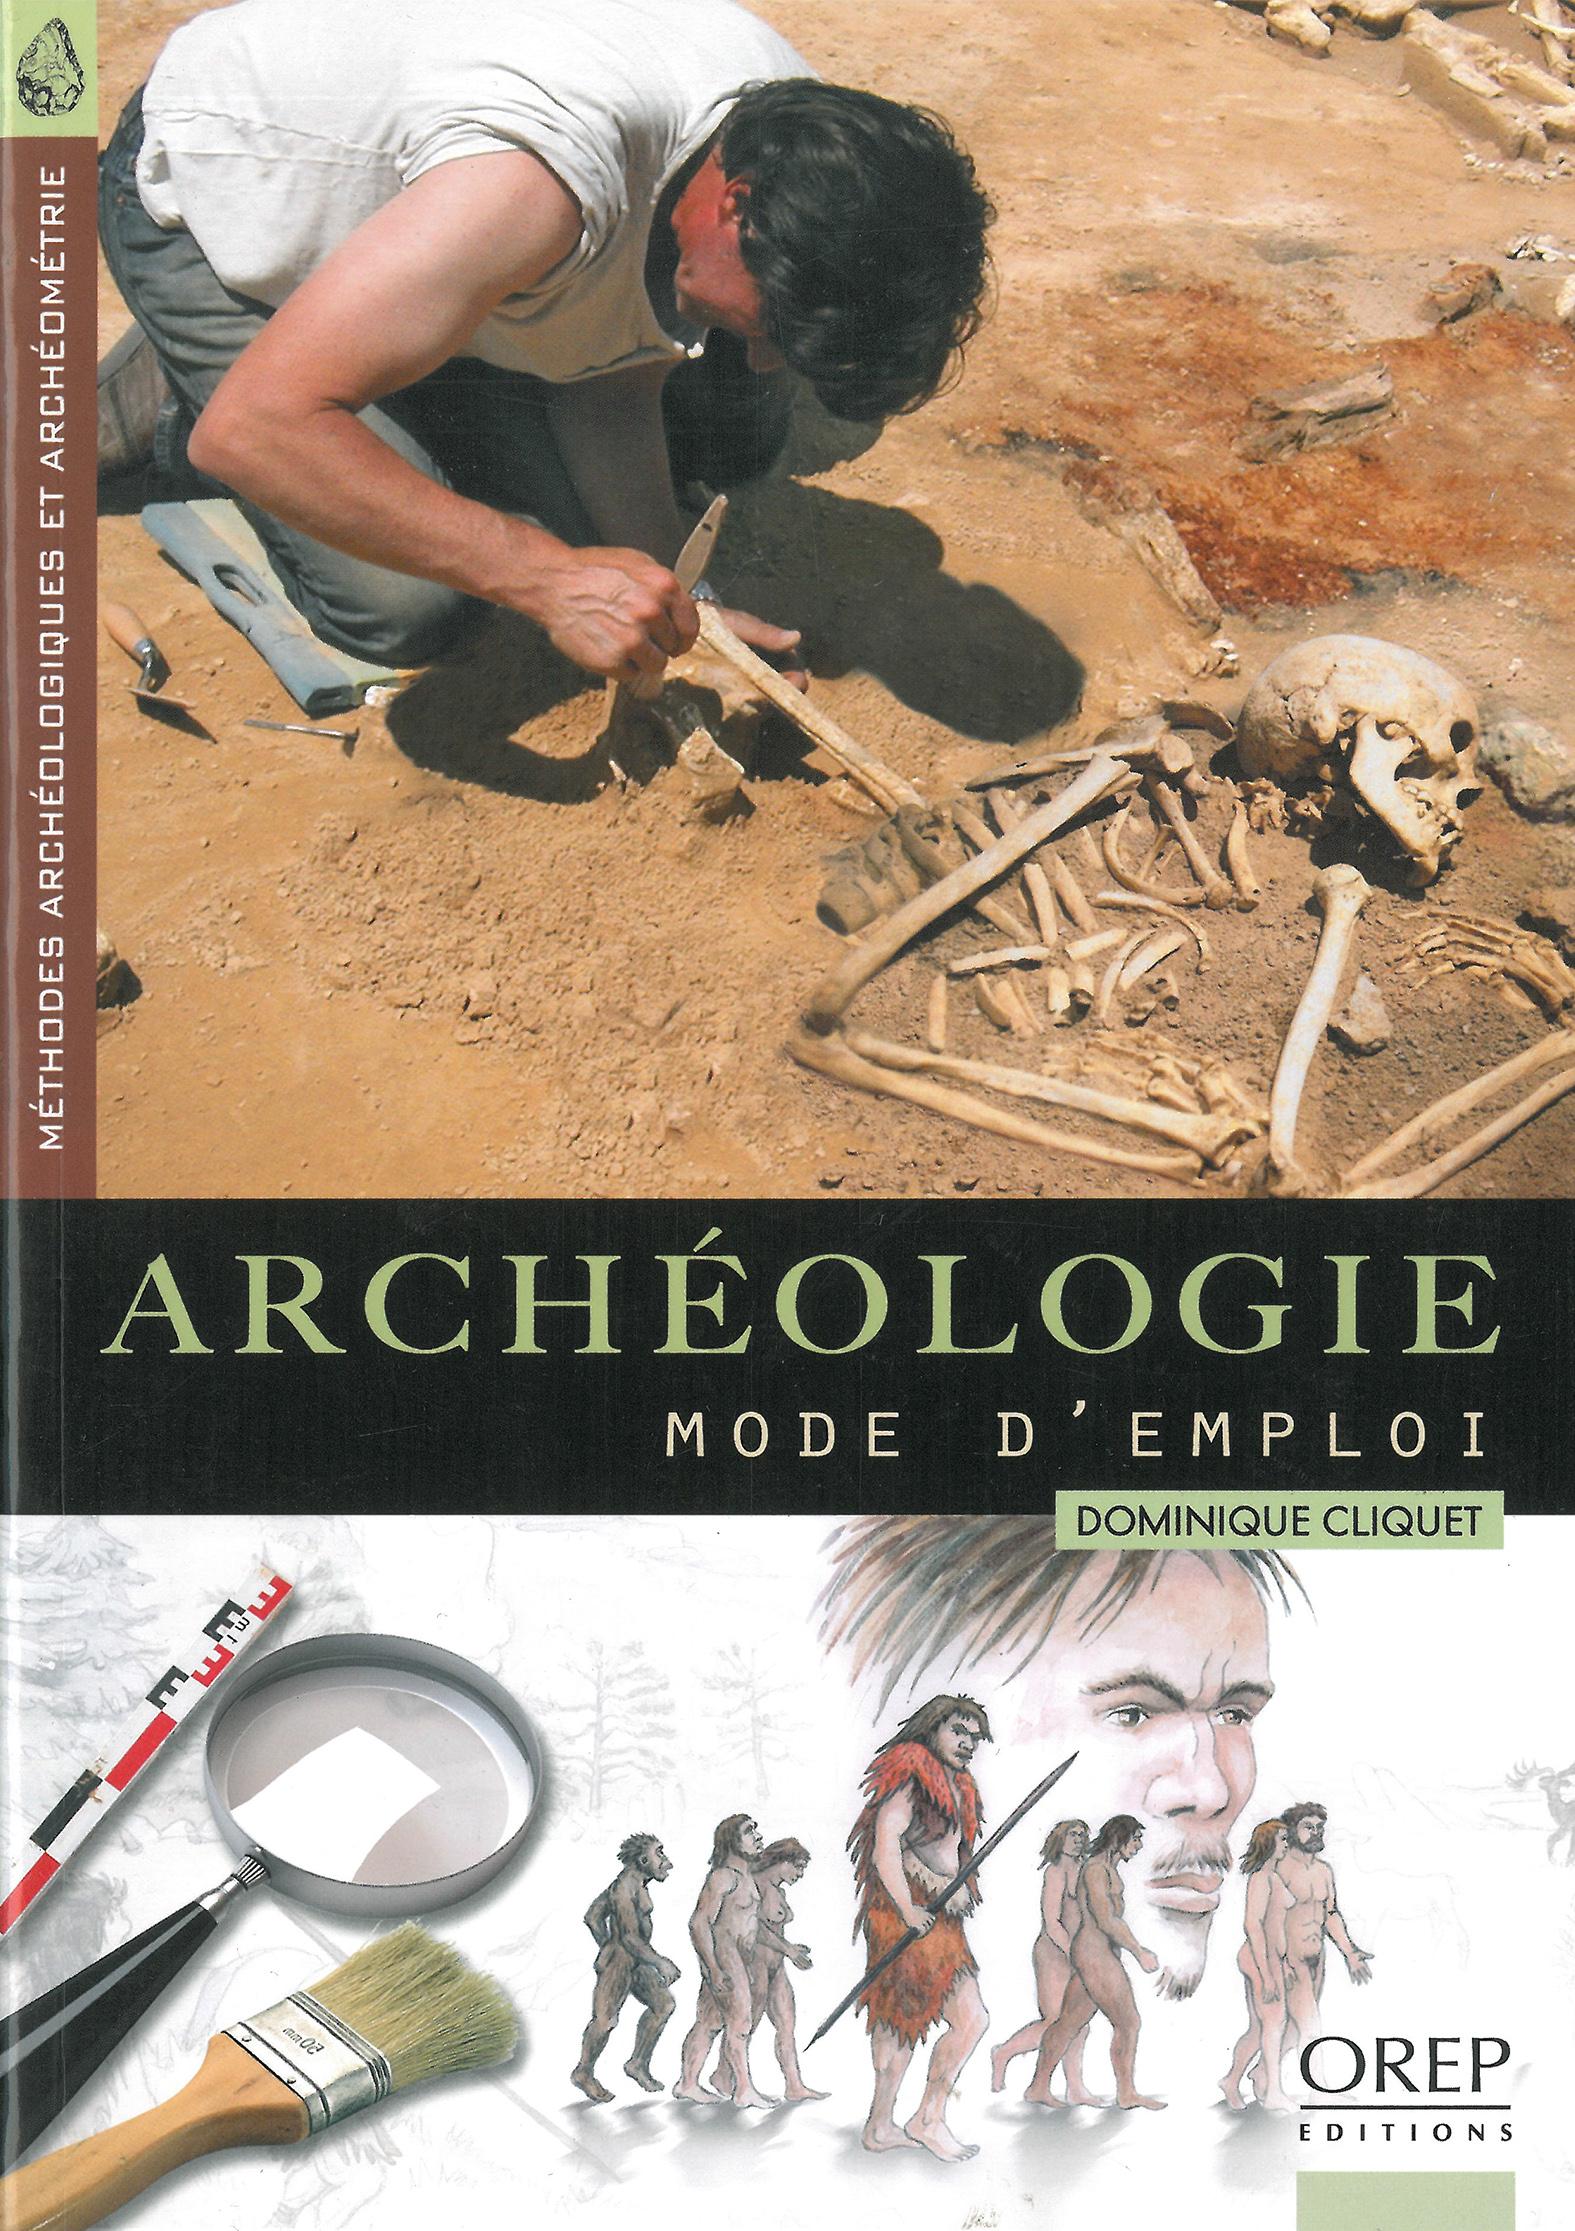 Archéologie mode d'emploi – Méthodes archéologiques et archéométrie